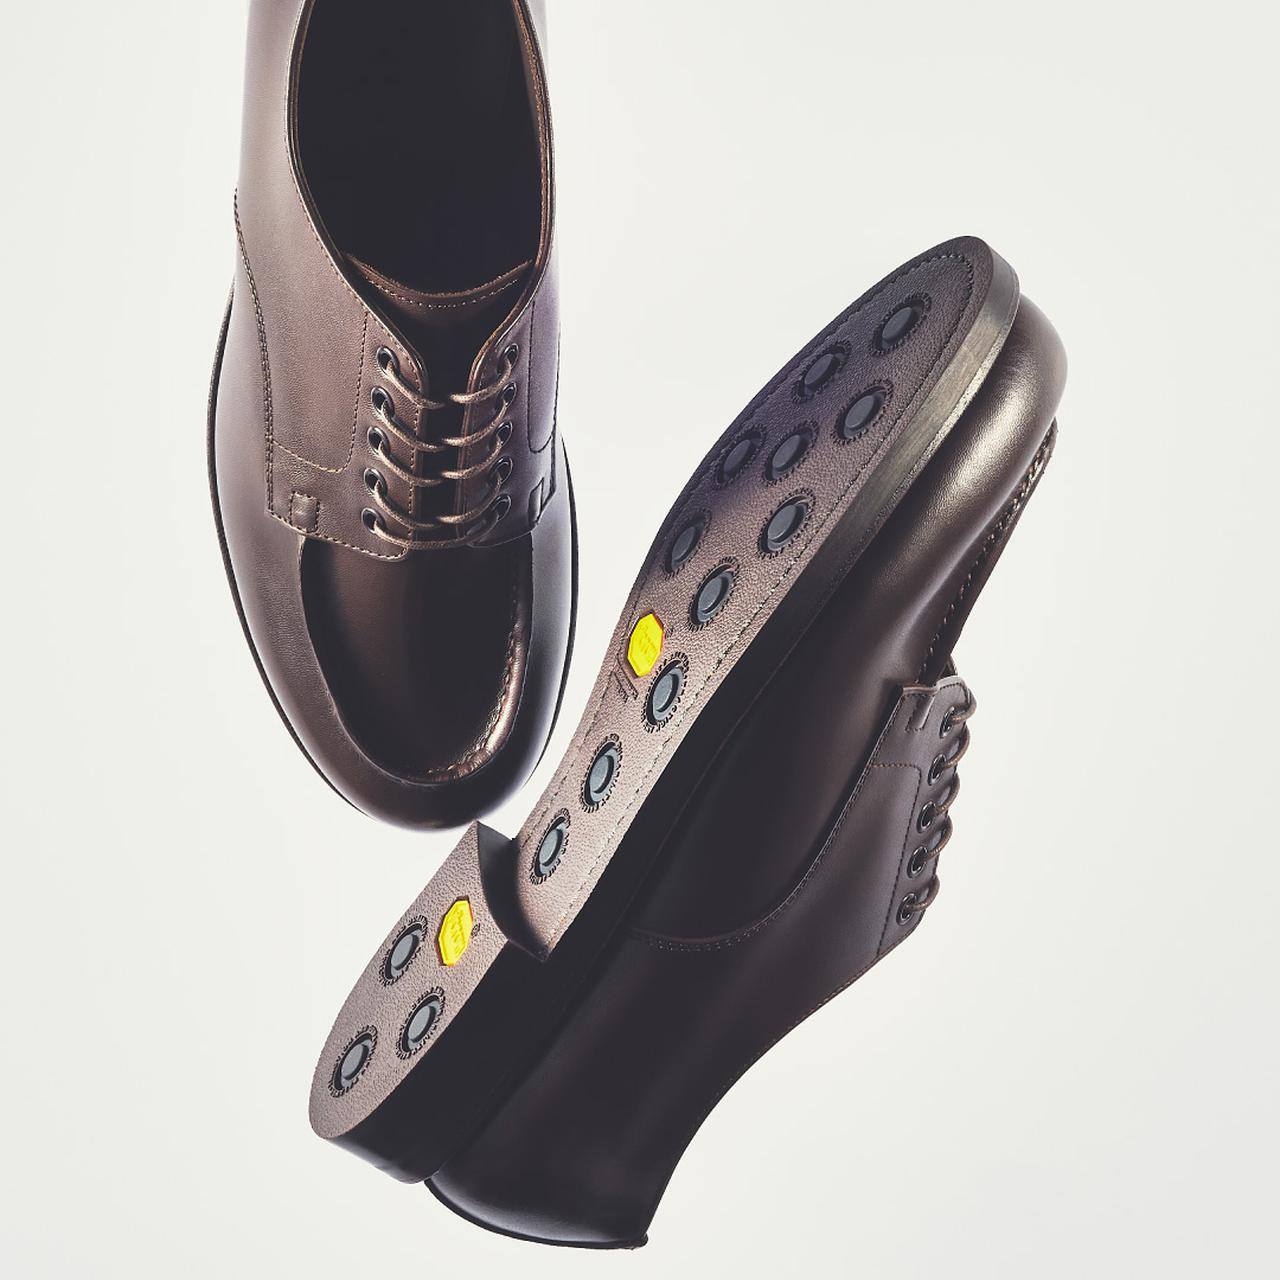 画像3: ヴィブラム社と共同開発 『YAMACHO MADE™』のストレス軽減紳士靴